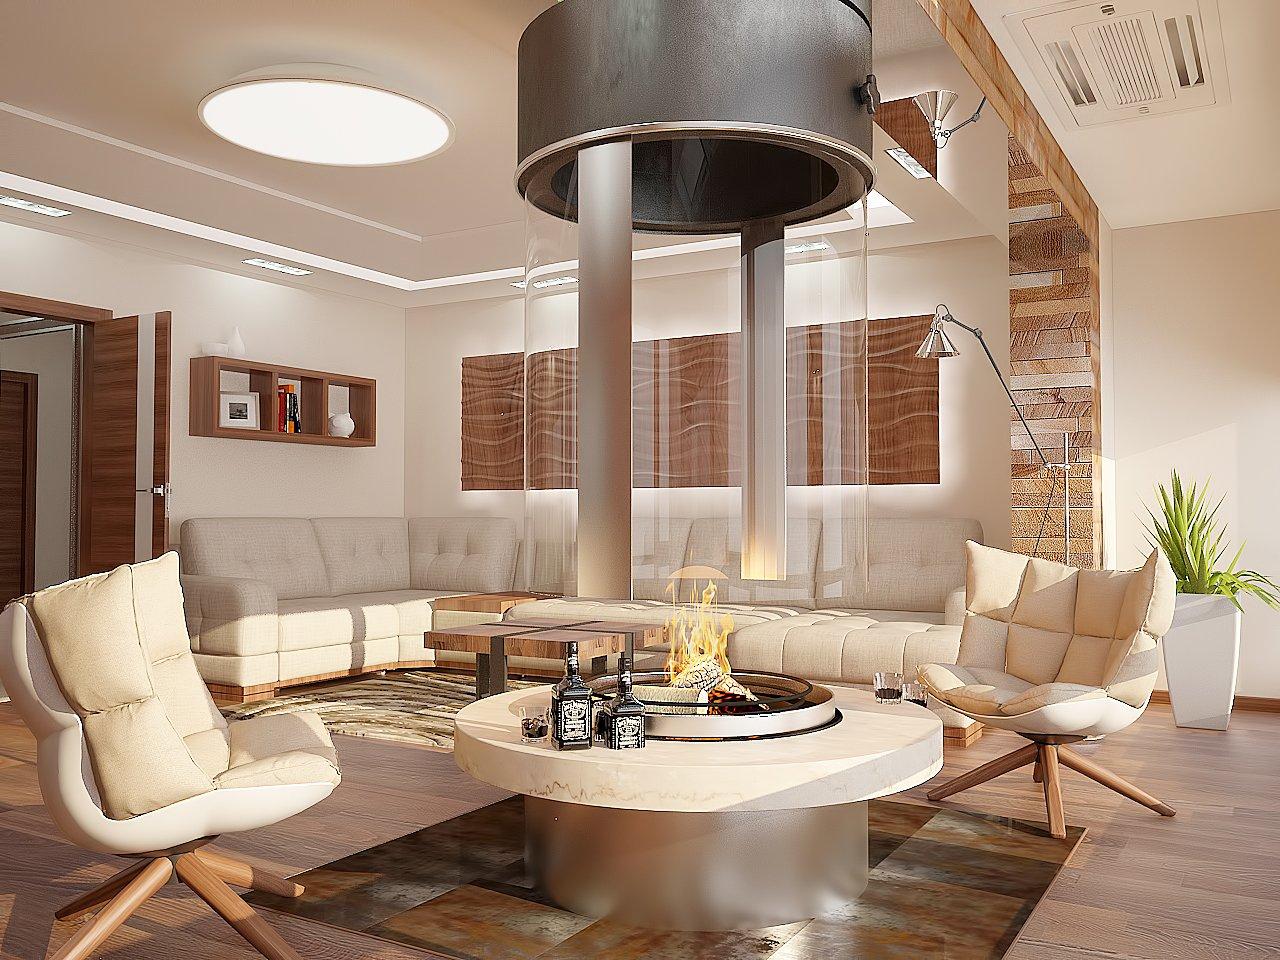 Дизайн нтерьера гостинной Киев, ЖК Акварели, Камин в гостиной